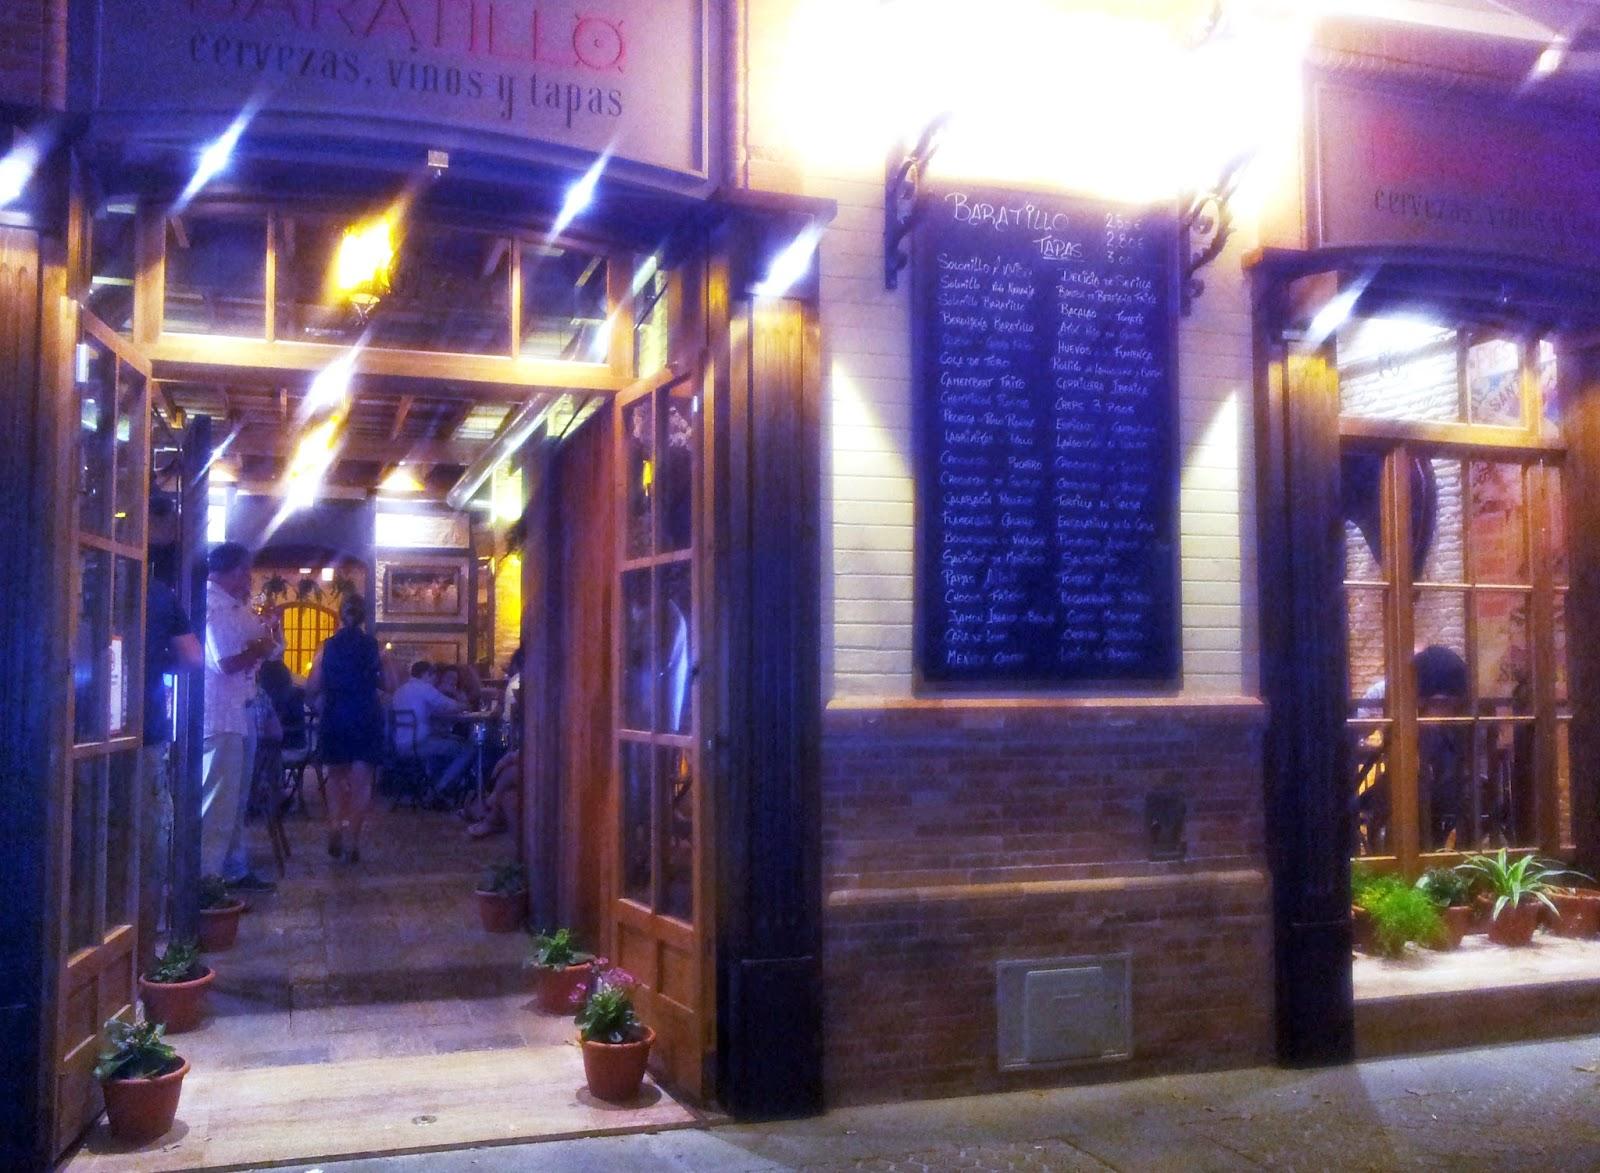 http://aventurerosgastronomicos.blogspot.com.es/2013/08/baratillo.html